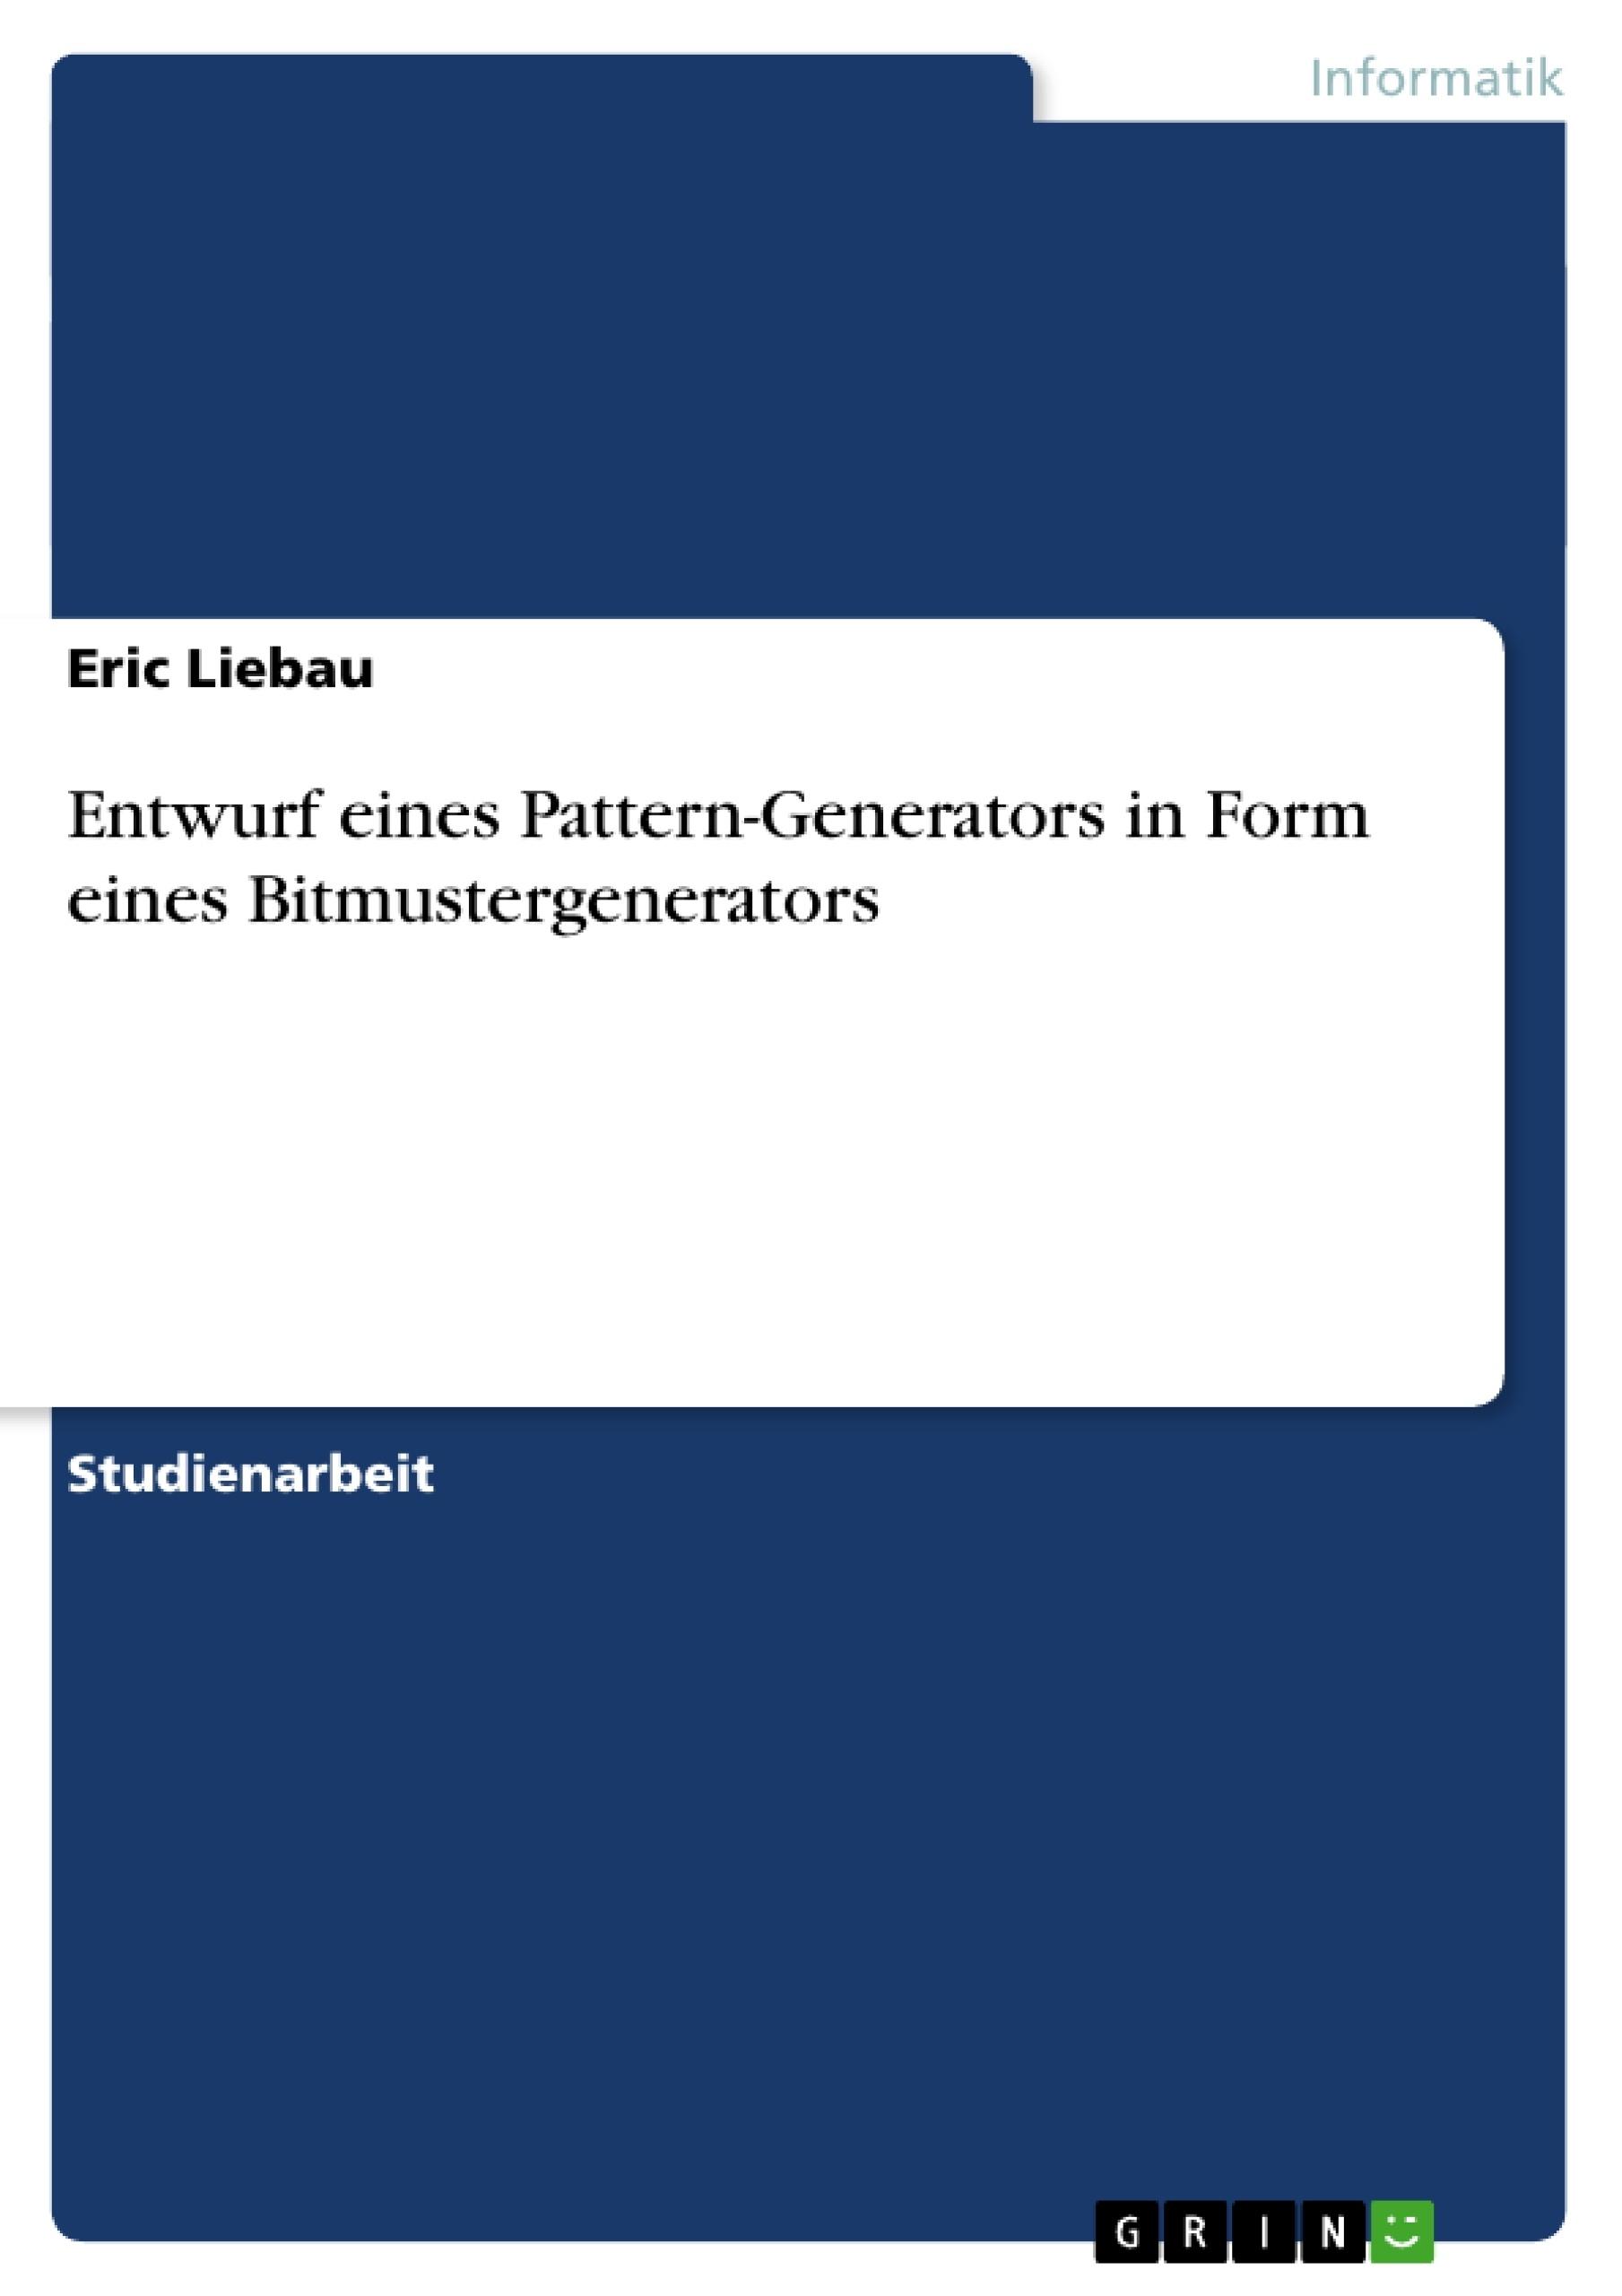 Titel: Entwurf eines Pattern-Generators in Form eines Bitmustergenerators